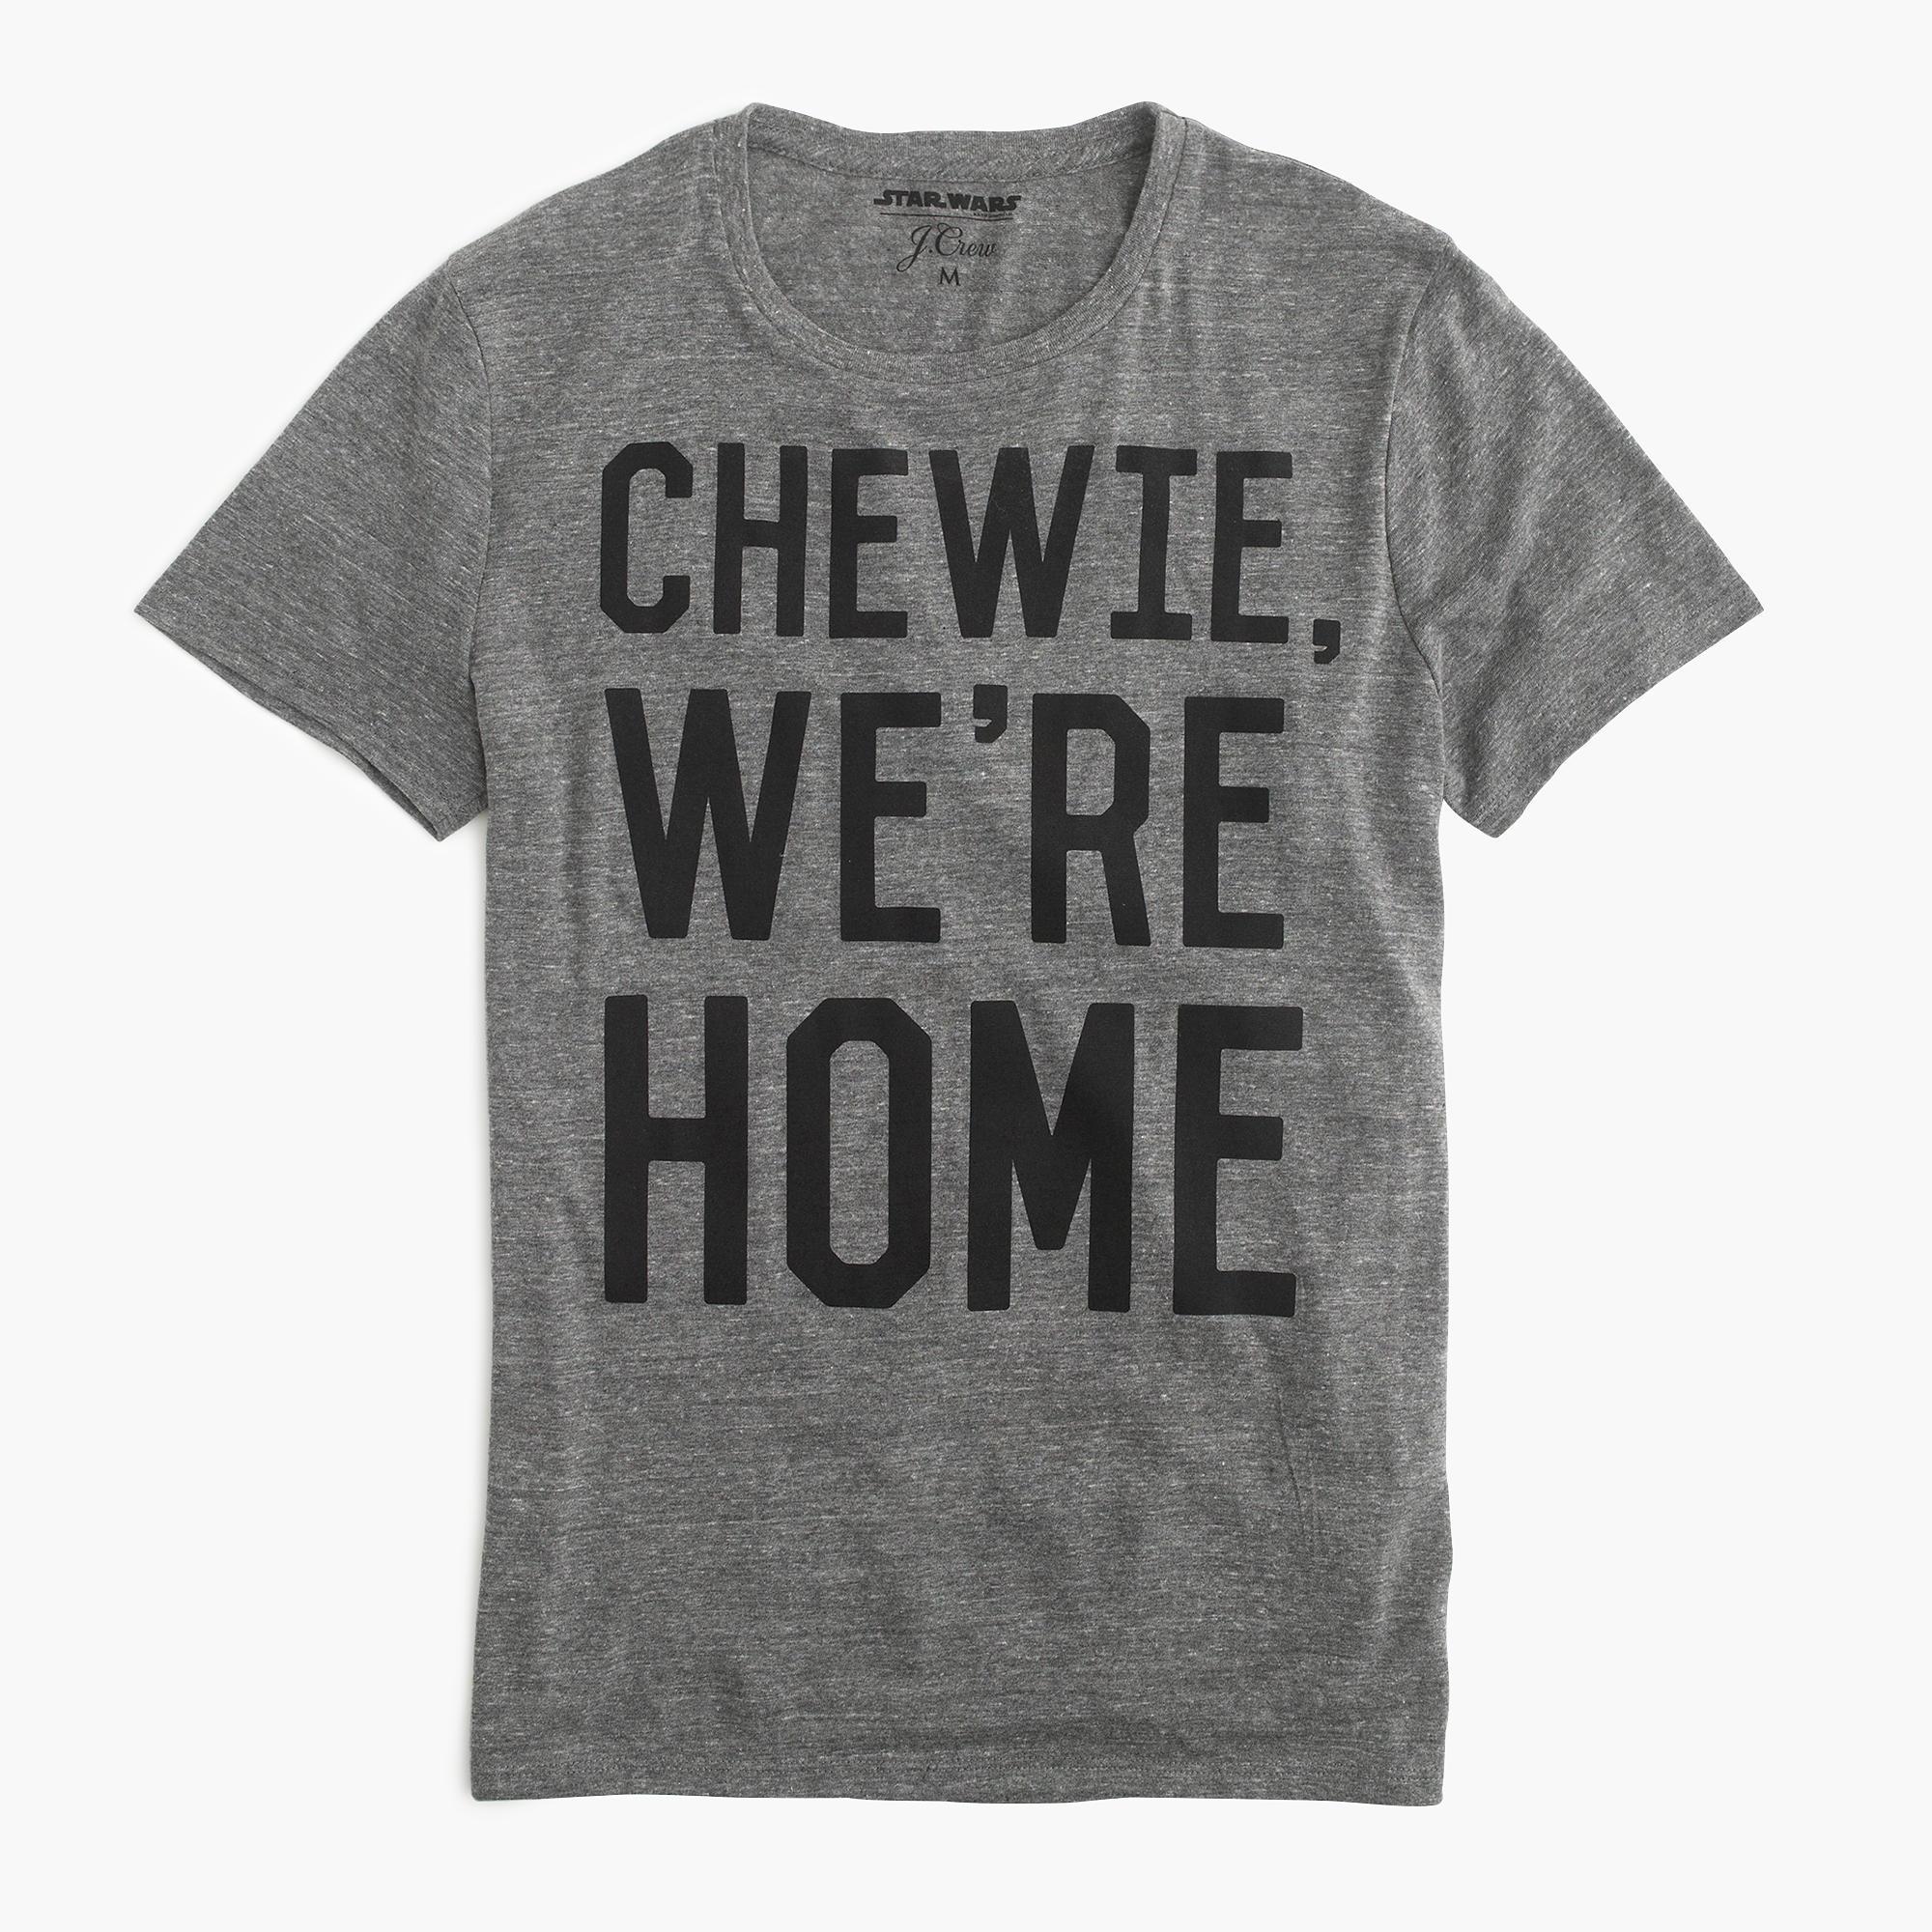 Chewie We're Home Tee